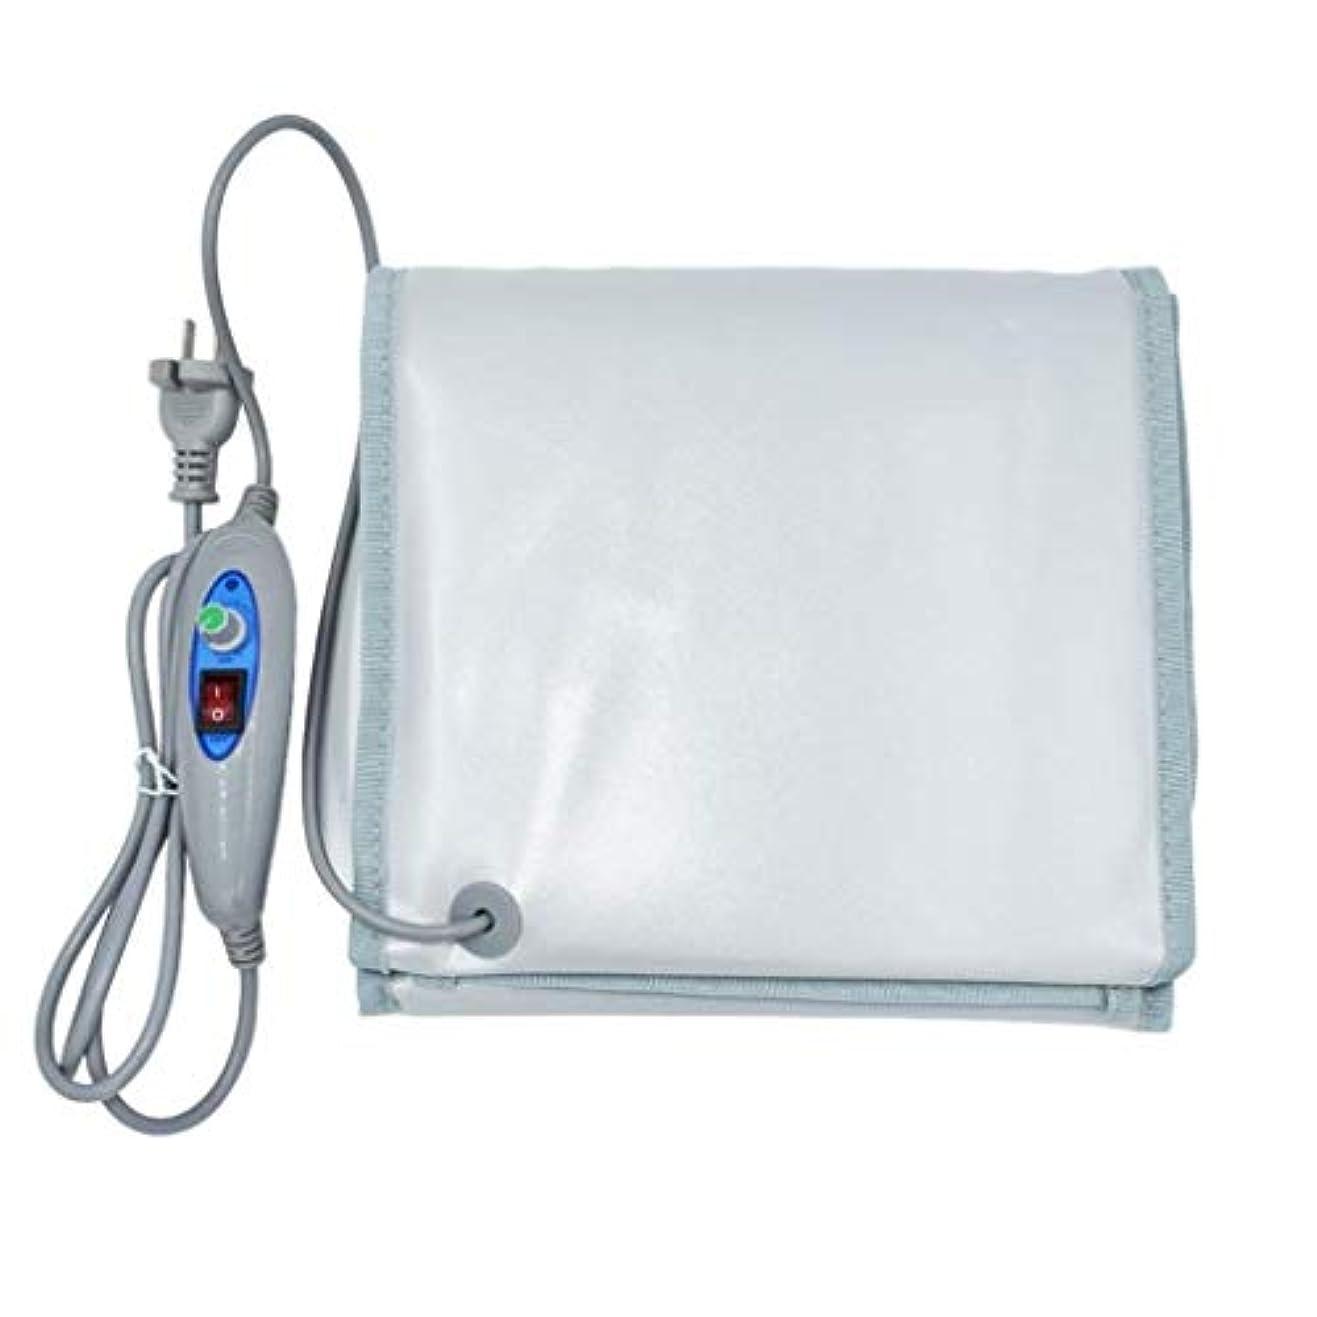 感覚通り改修ウエストマッサージャー、Slim身ベルト、振動マッサージ機能、加熱Slim身ベルト、細い太もも、余分な脂肪の削減、ウエストSlim身ベルト電気加熱